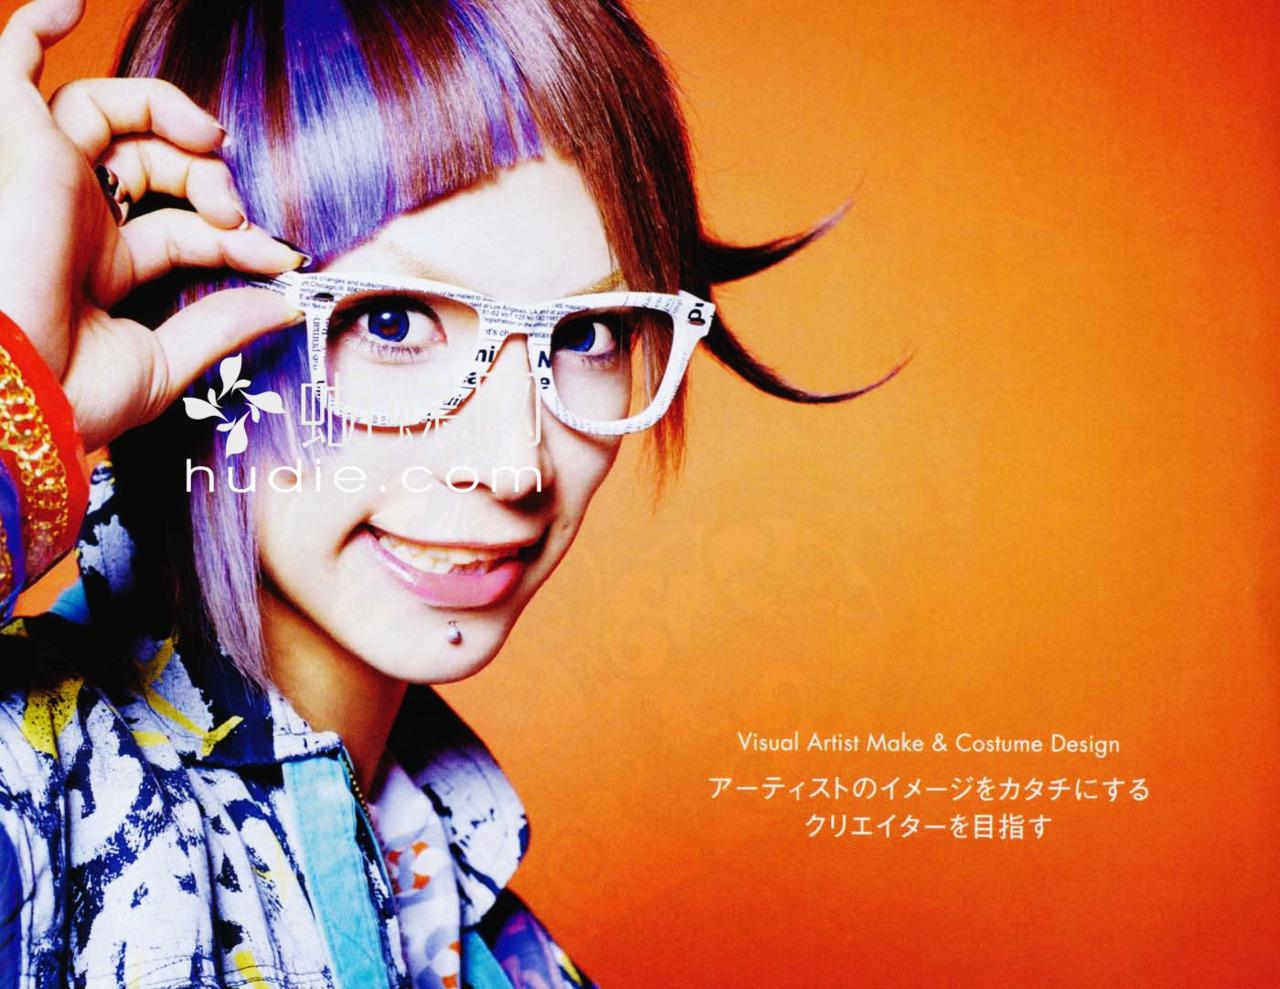 Моя  бАльшая любоФФ !!! - Страница 6 Takeru-sug-19715422-1280-989